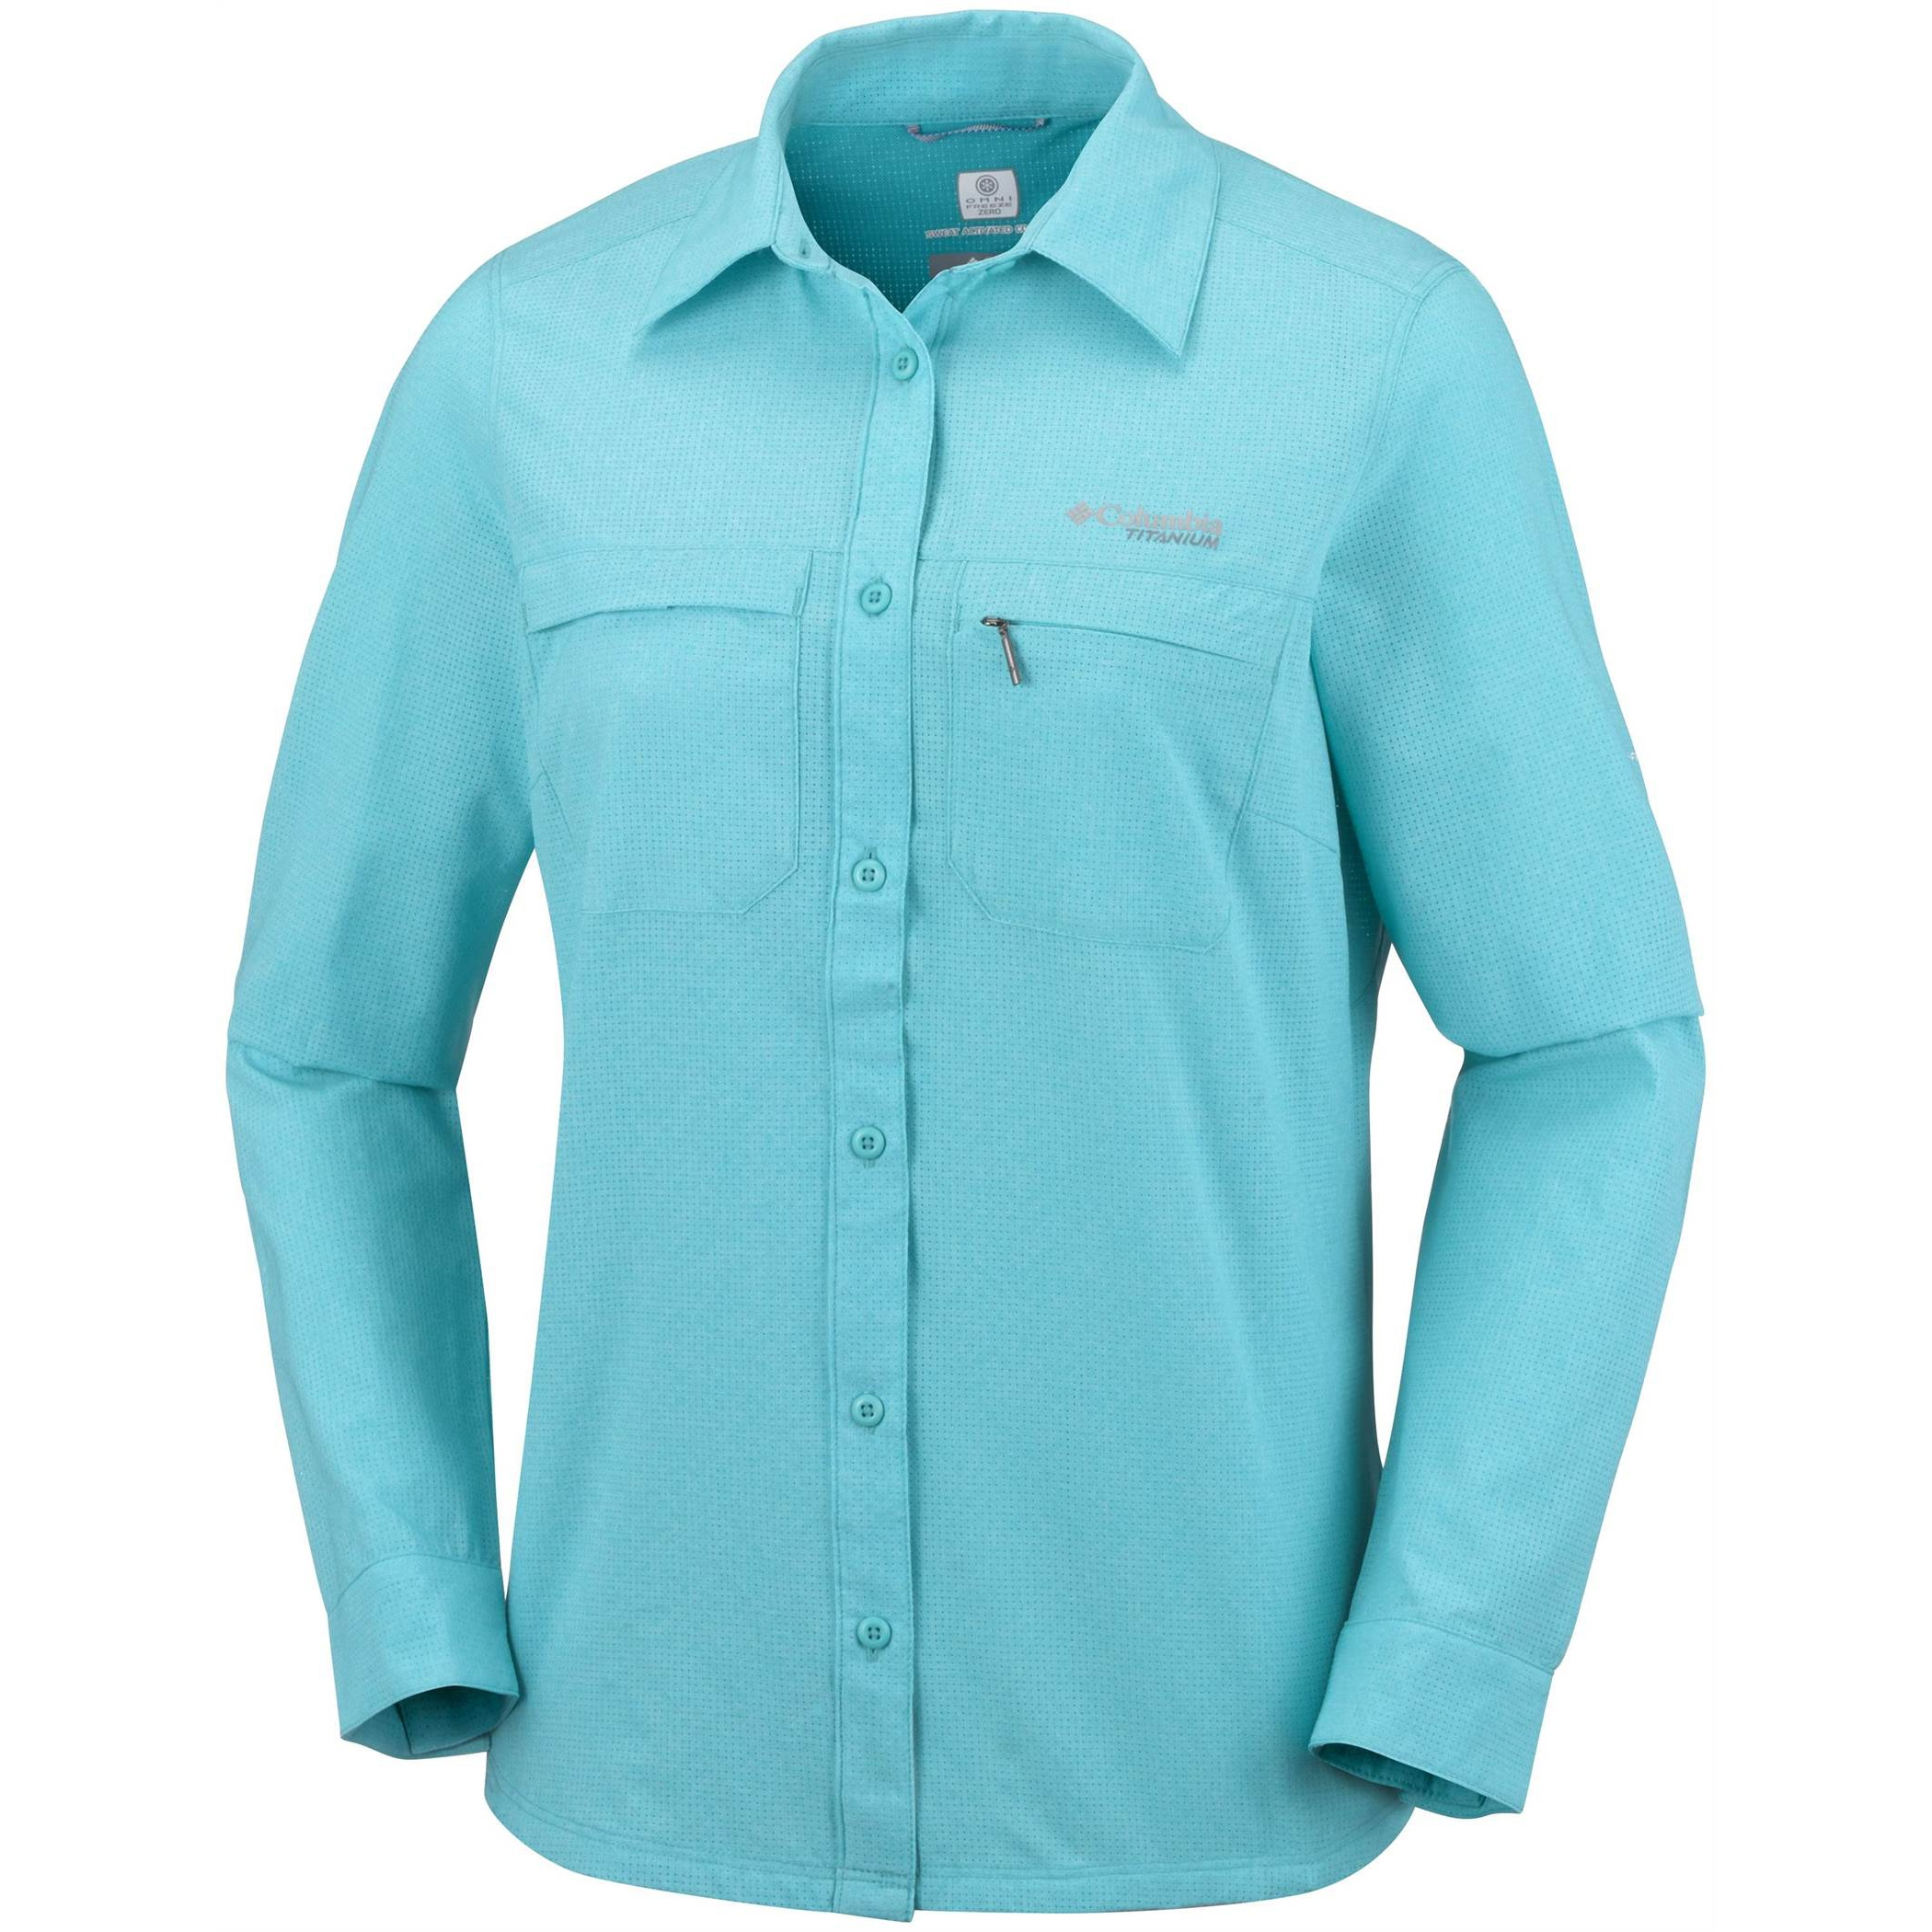 Irico Shirt Long Sleeve - Women's